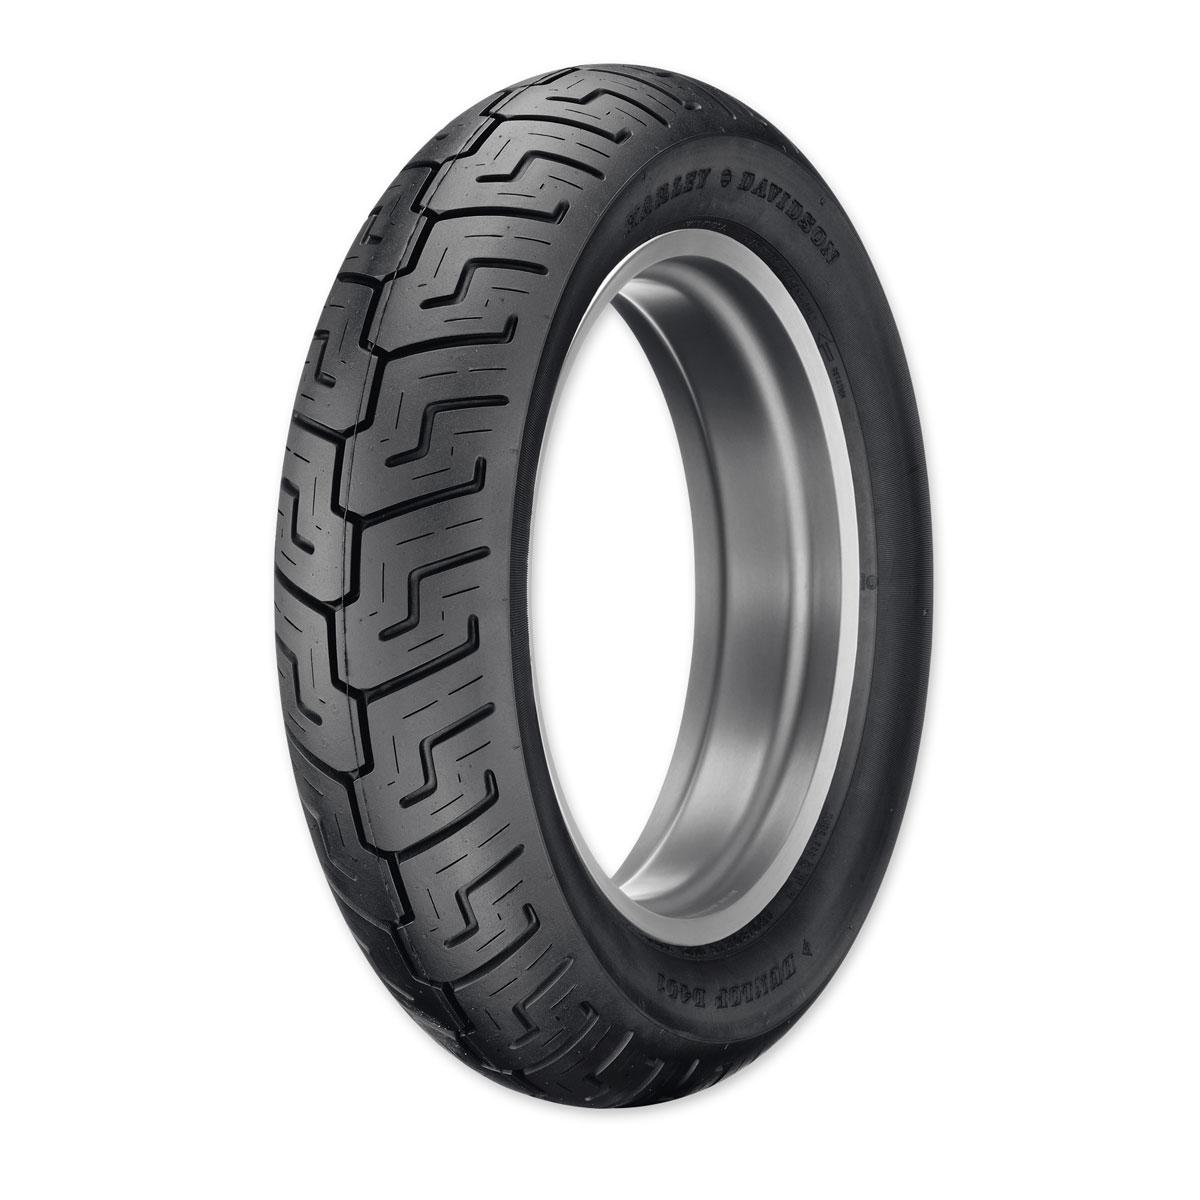 Dunlop D401 130/90B16 Rear Tire